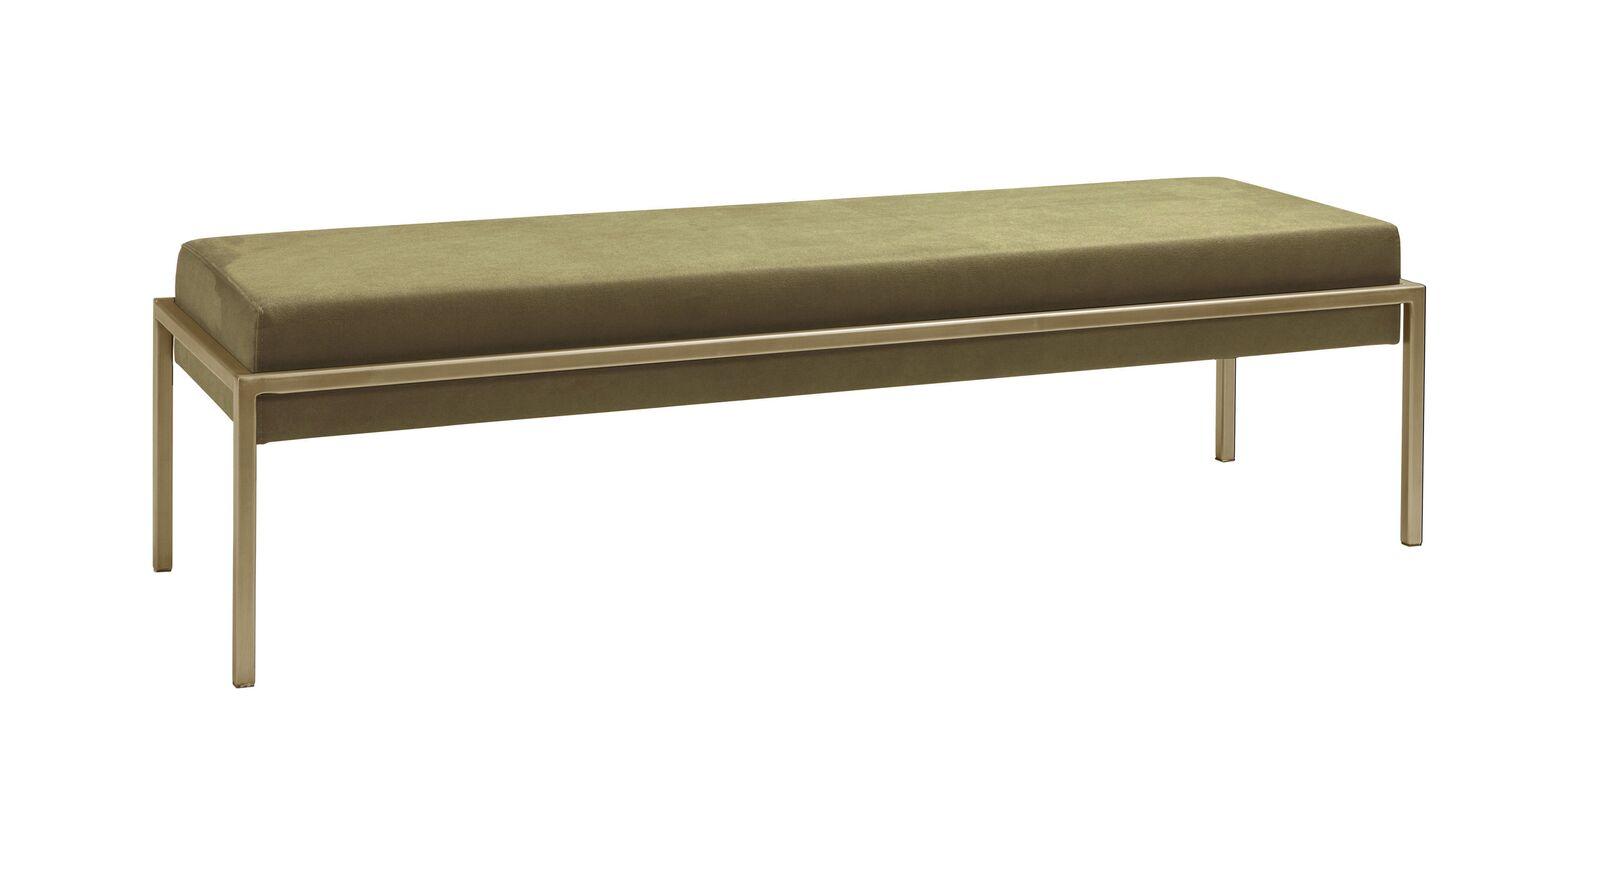 Bettbank Nocan mit bronzefarbenem Metallgestell